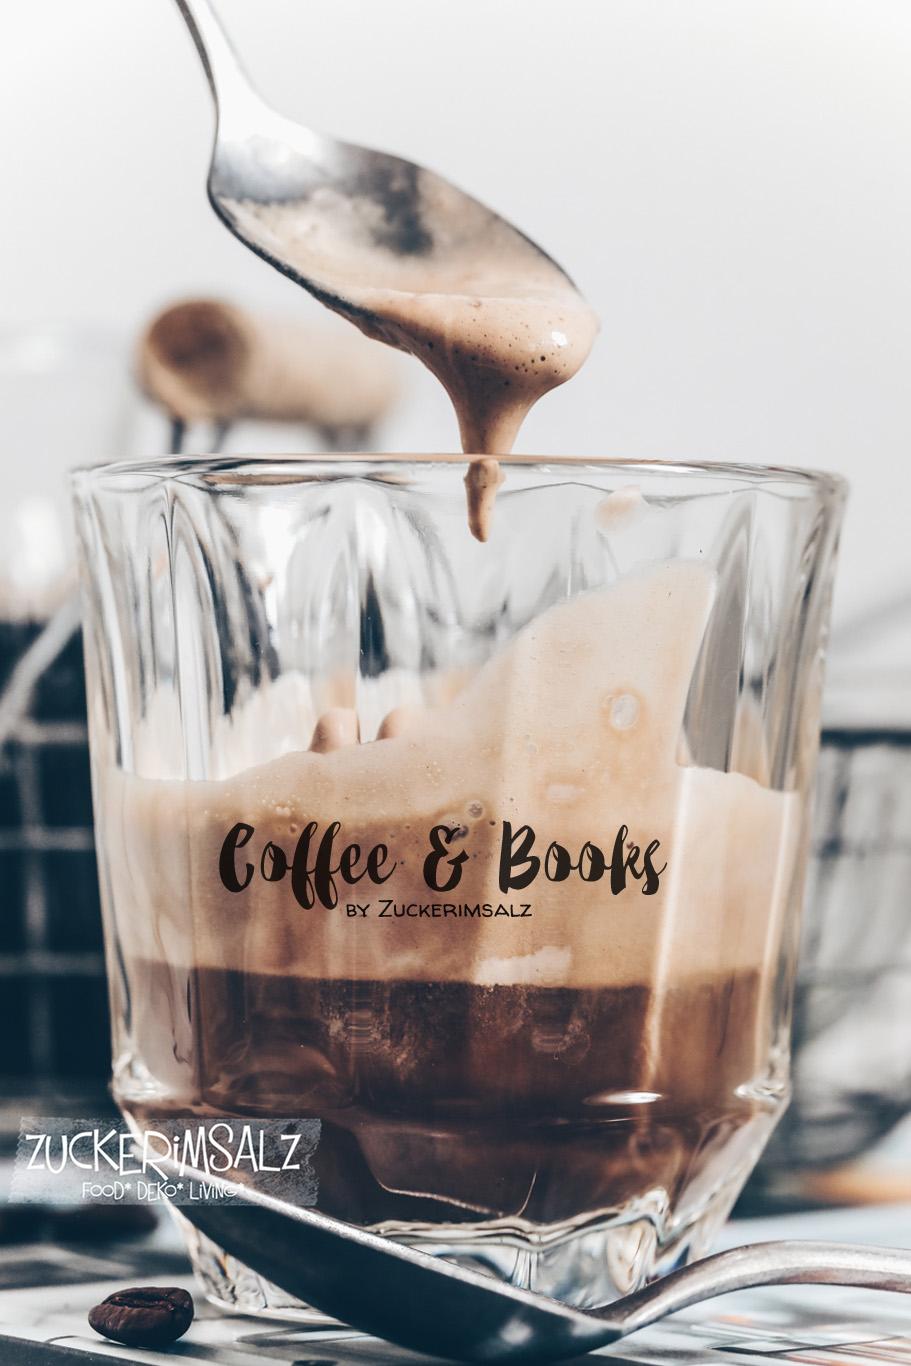 coffee, book, heißer, hot, Affogato, Rezept, Recipe, Top 3, Bücher, Kaffee